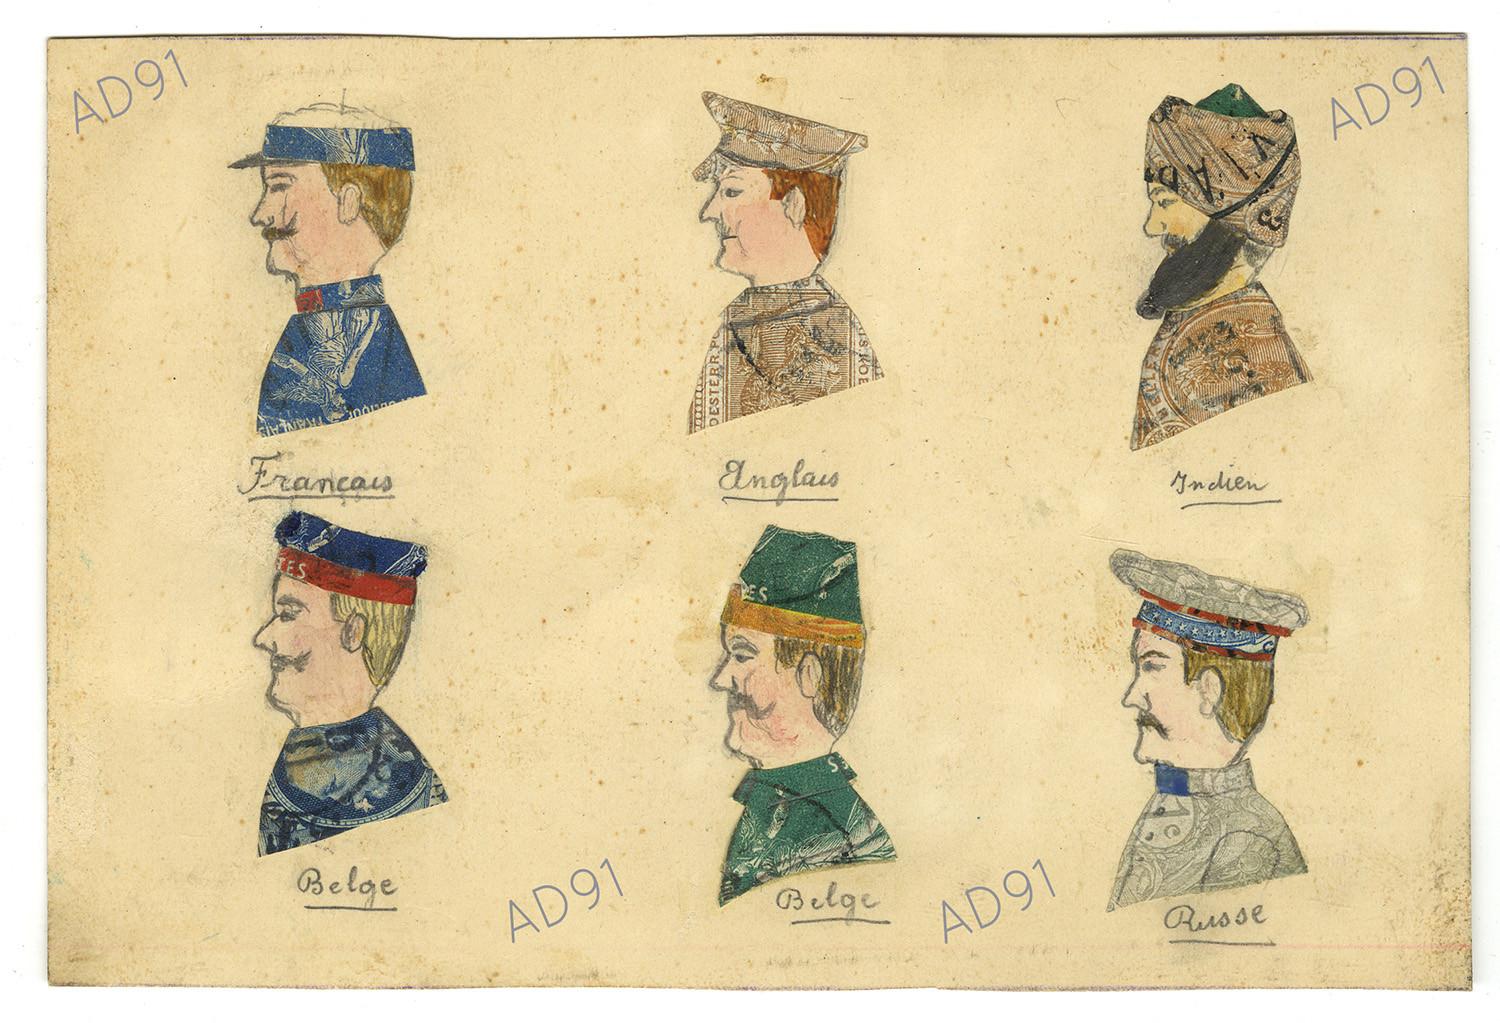 11 - Portraits de soldats français et alliés, dessins et collages de timbres-poste sur carte postale, signés L. P. (032NUM019/138)